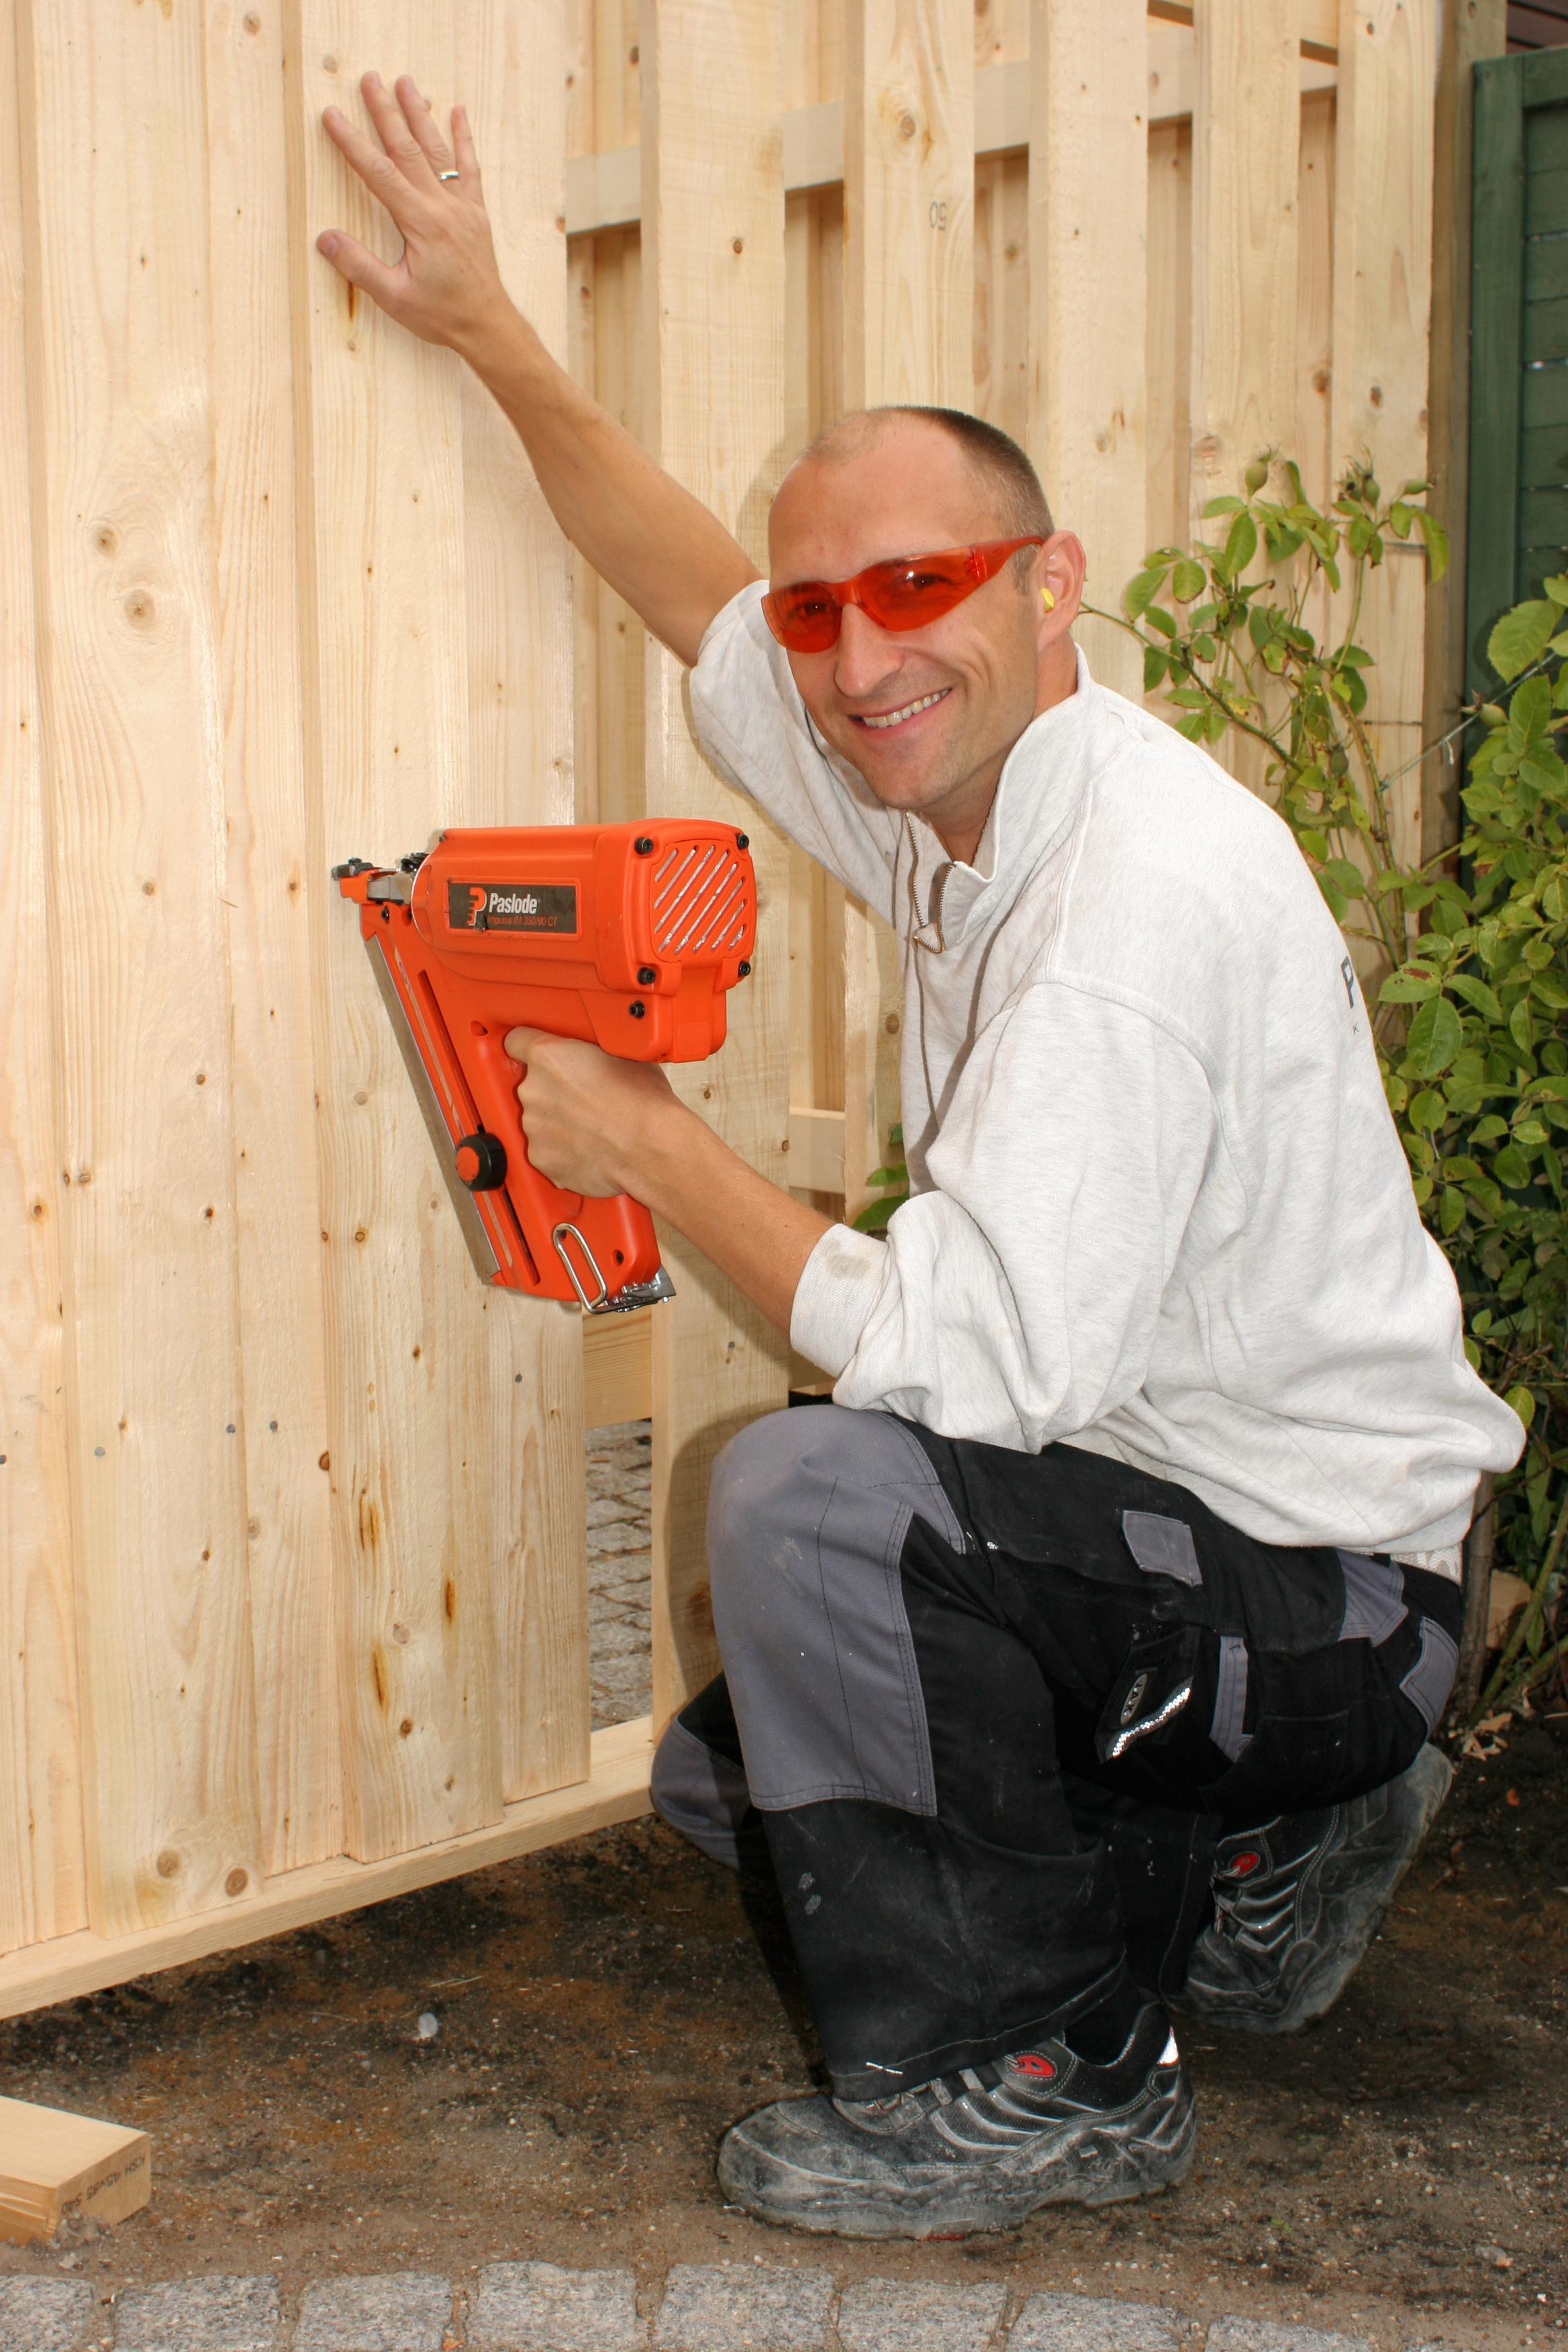 #B83713 Bedst Byg Selv Plankeværket (gør Det Selv Plankeværk Trin For Trin) Handyman.dk Gør Det Selv Rygeovn 6013 233635046013